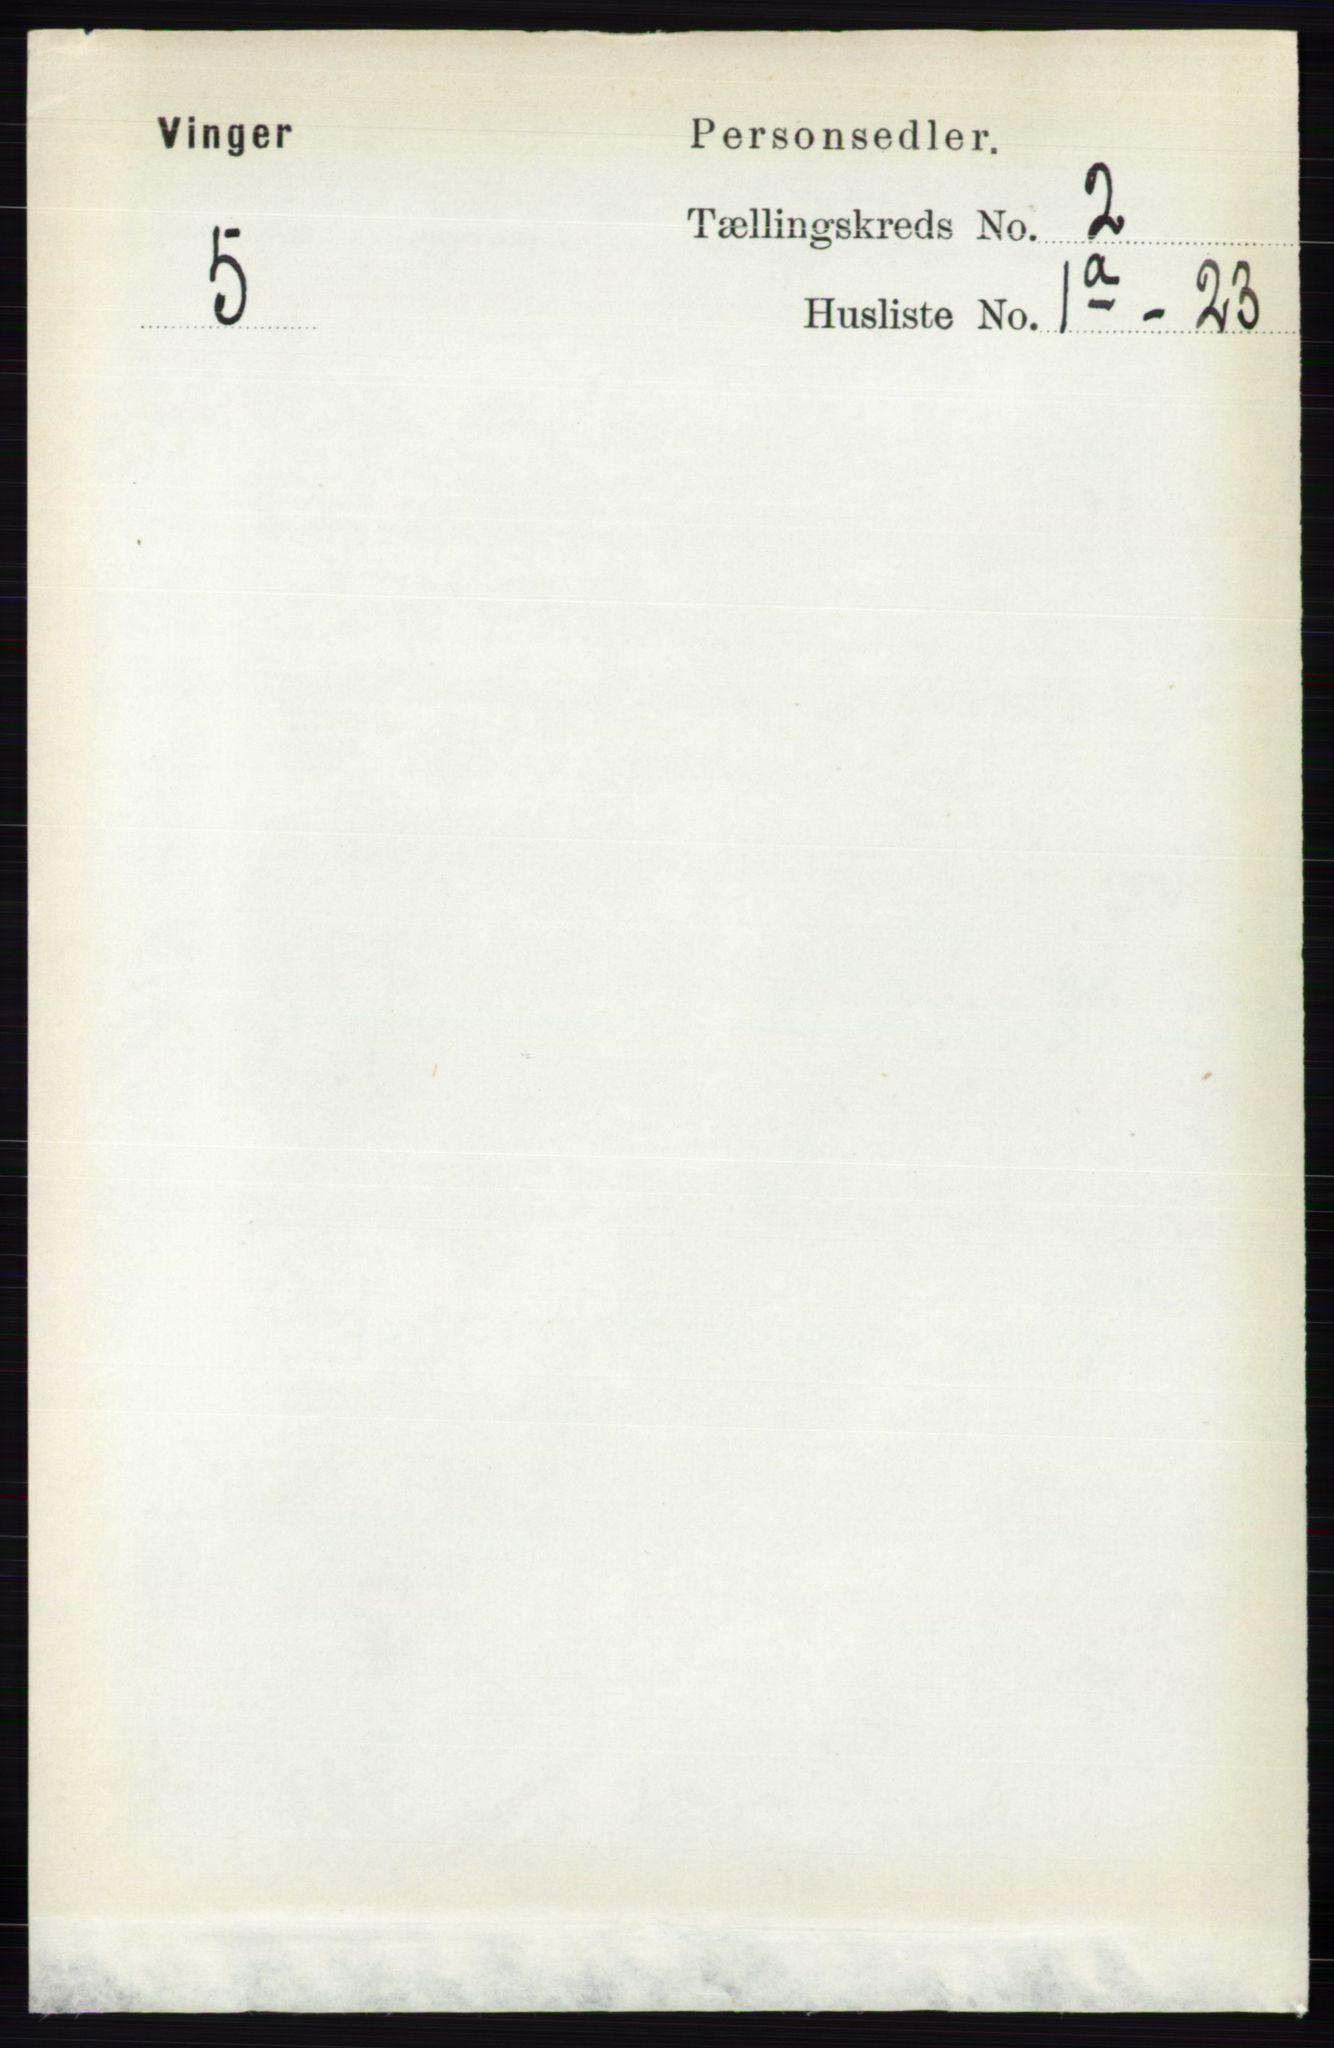 RA, Folketelling 1891 for 0421 Vinger herred, 1891, s. 457